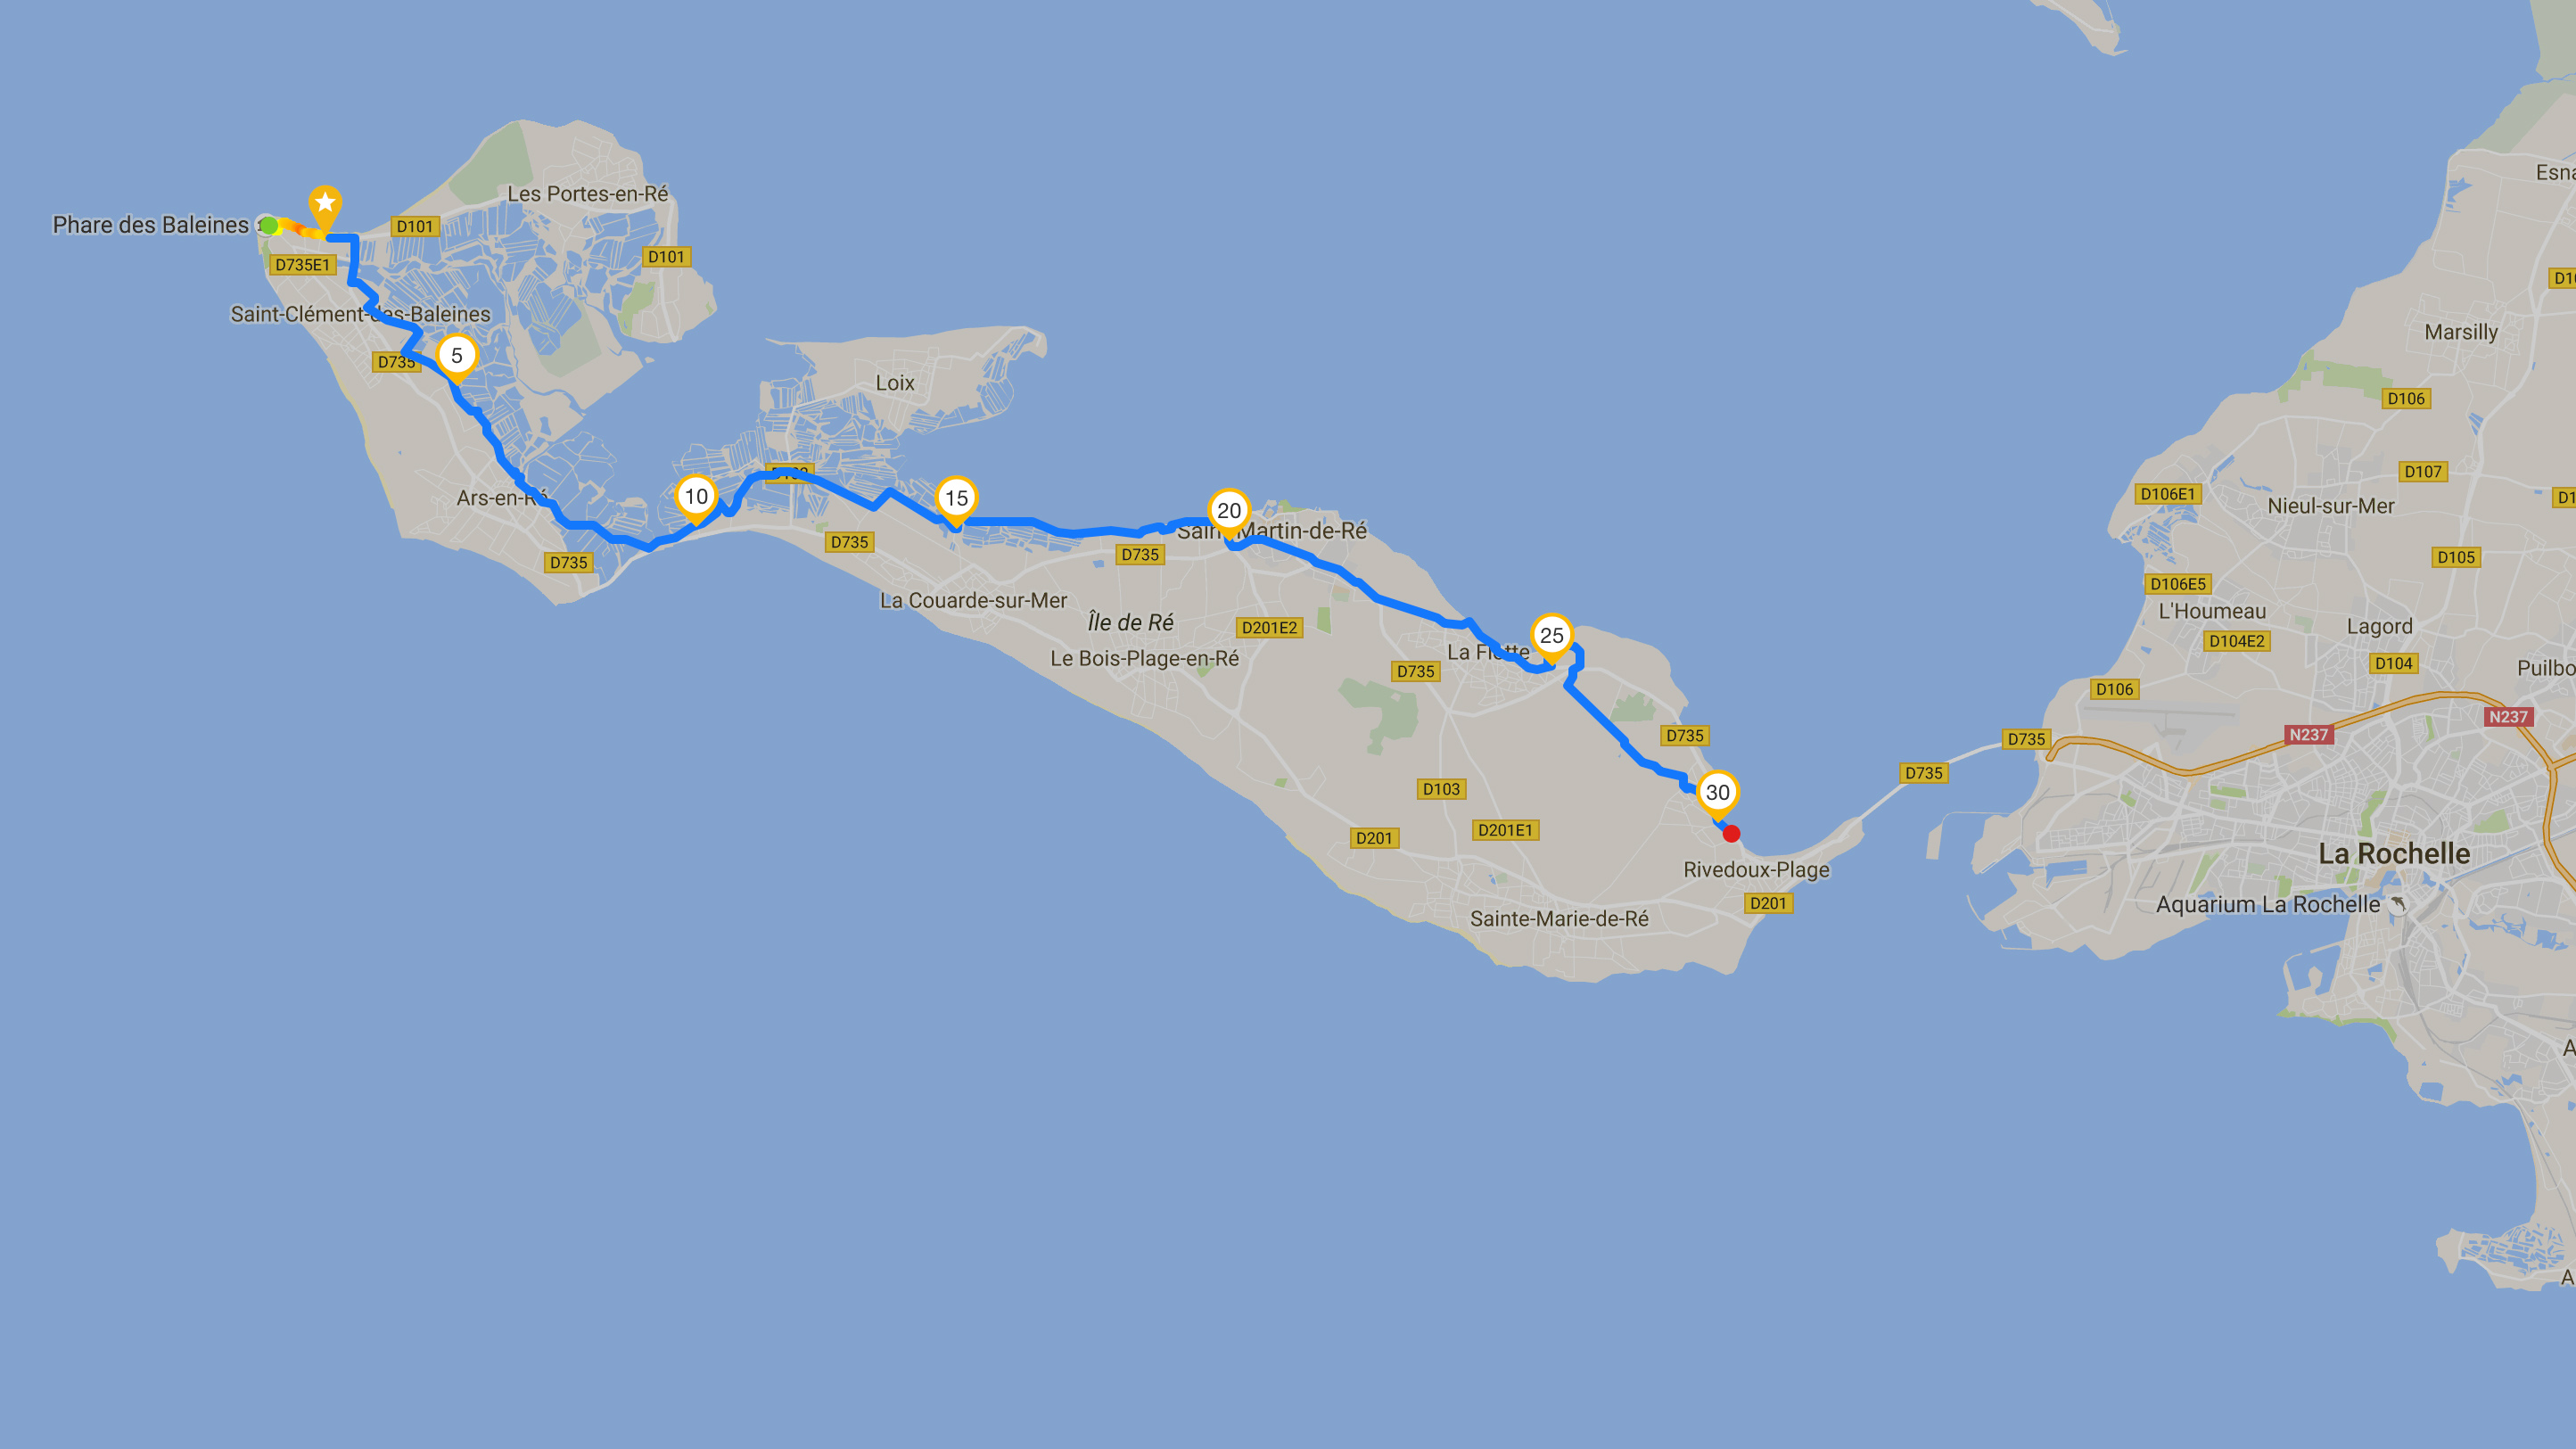 Itinéraire retour d'une journée au Phare de Baleines